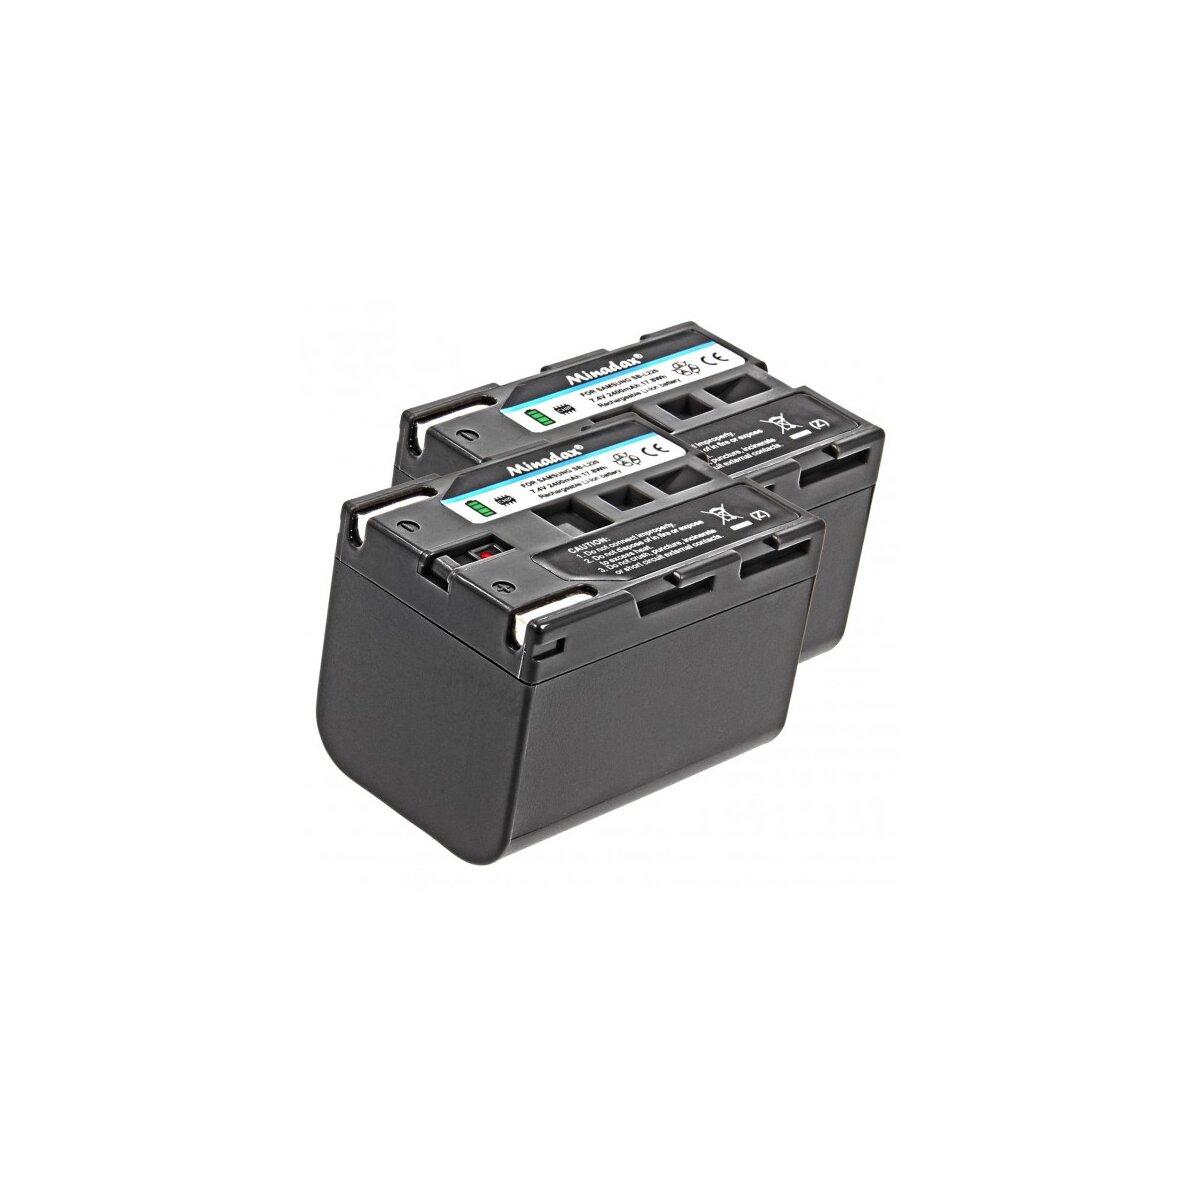 2x Minadax® Qualitaetsakku mit echten 2400 mAh fuer Medion MD41859 MD9021 MD9021n MD9035 MD9035n MD9069 MD9069n MD9090, wie SB-L220 - Intelligentes Akkusystem mit Chip